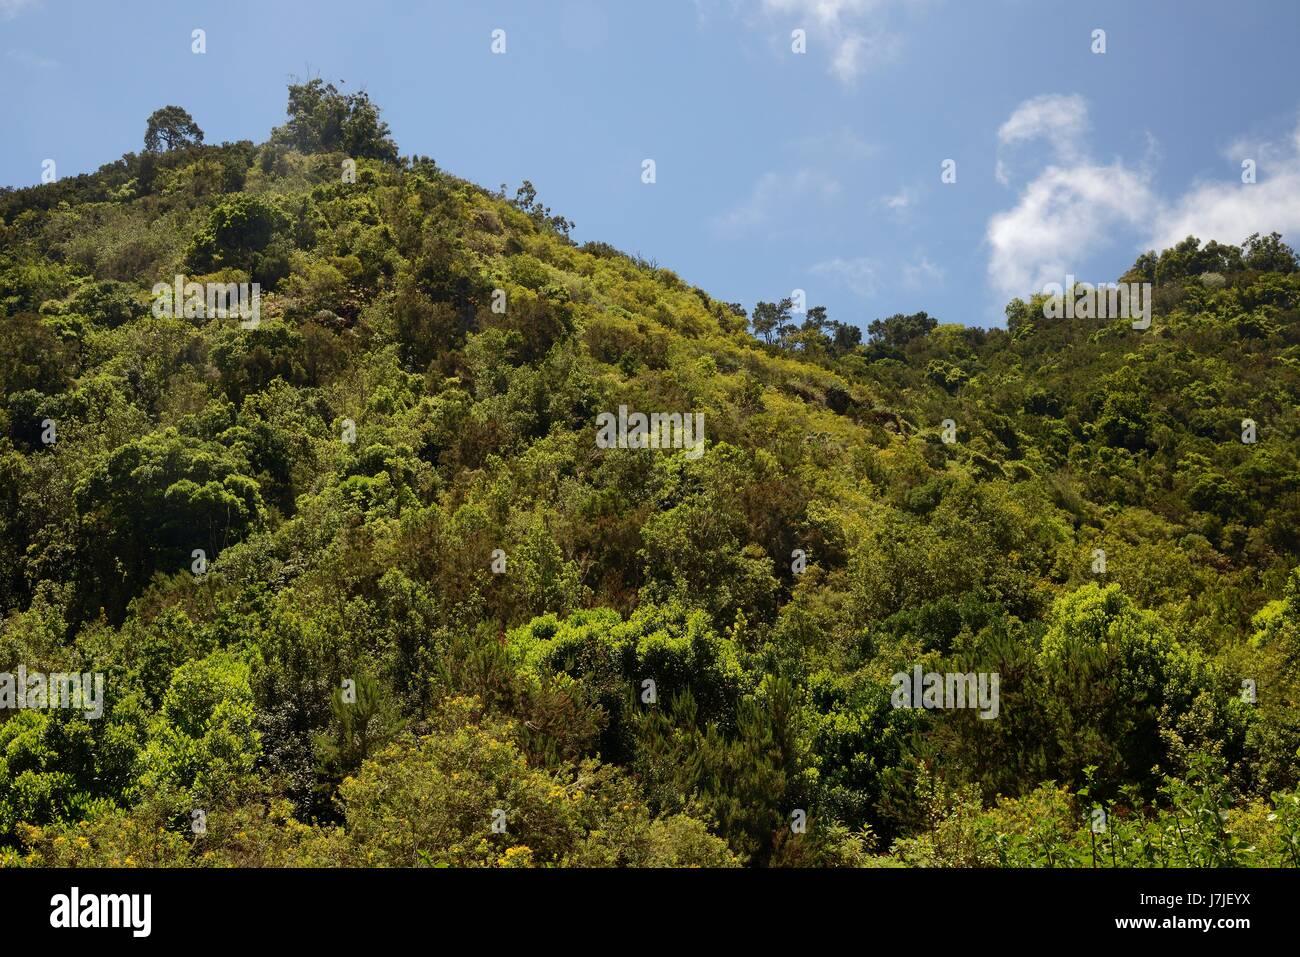 Montano Laurisilva Bosque De Laurisilva Los Tilos De Moya El Parque Rural De Doramas Gran Canaria Islas Canarias Junio De 2016 Fotografia De Stock Alamy